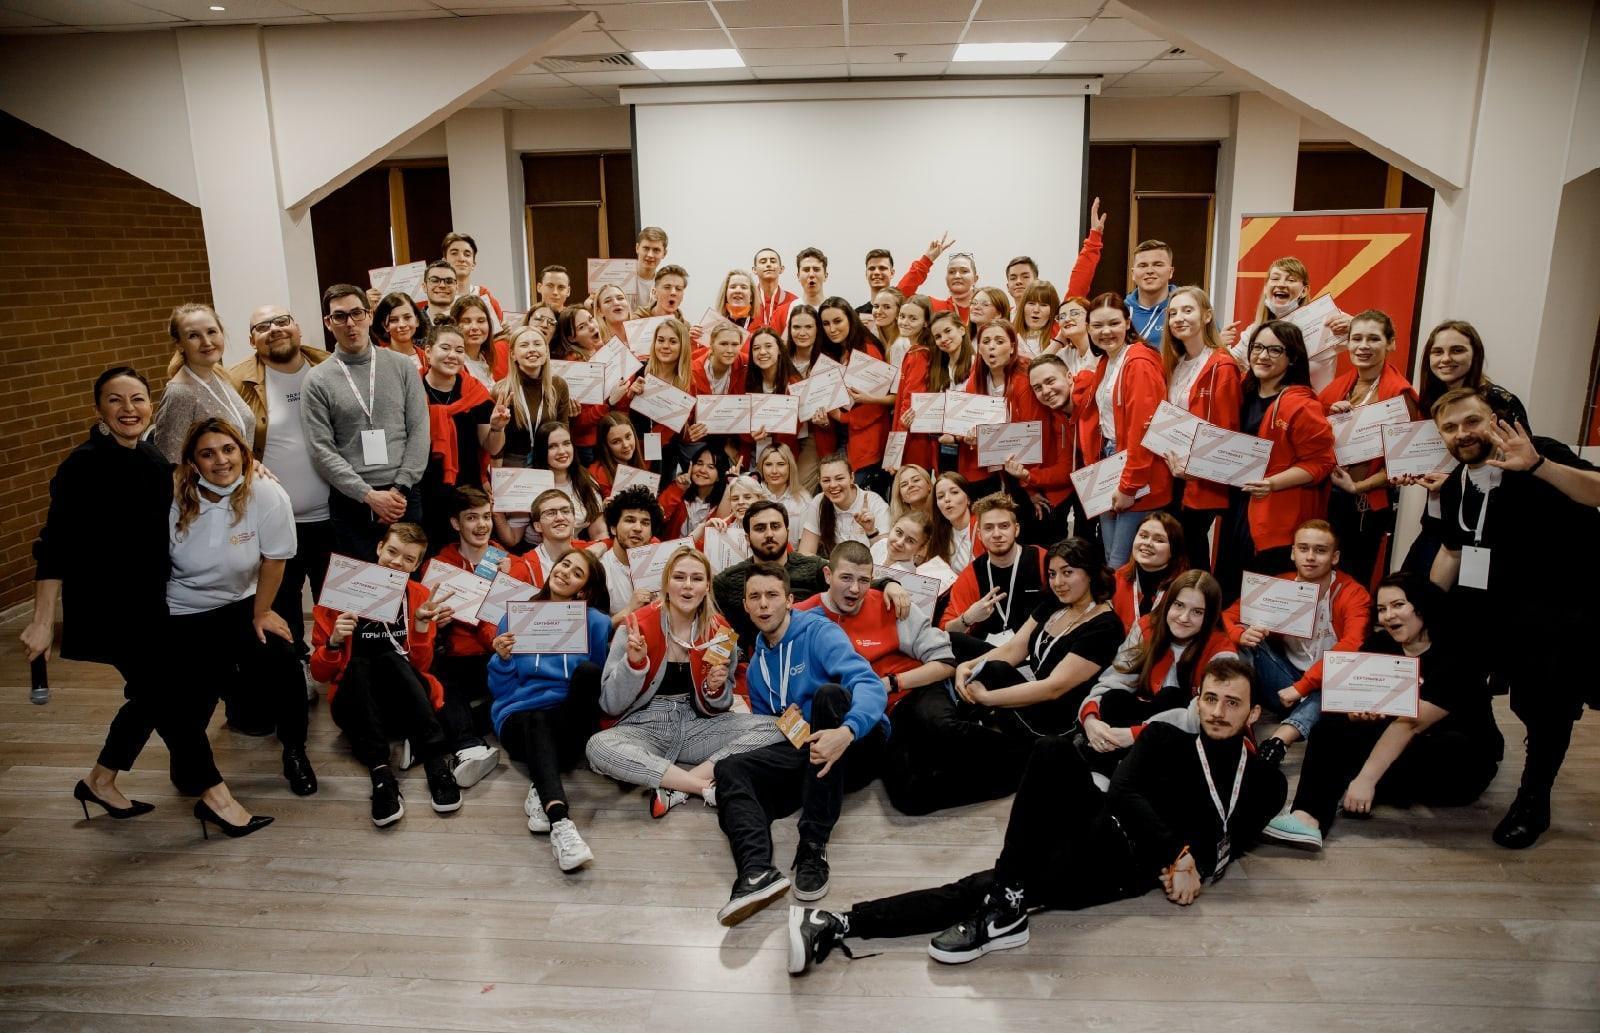 Студентки ТвГТУ посетили форум Национальной лиги студенческих клубов - новости Афанасий